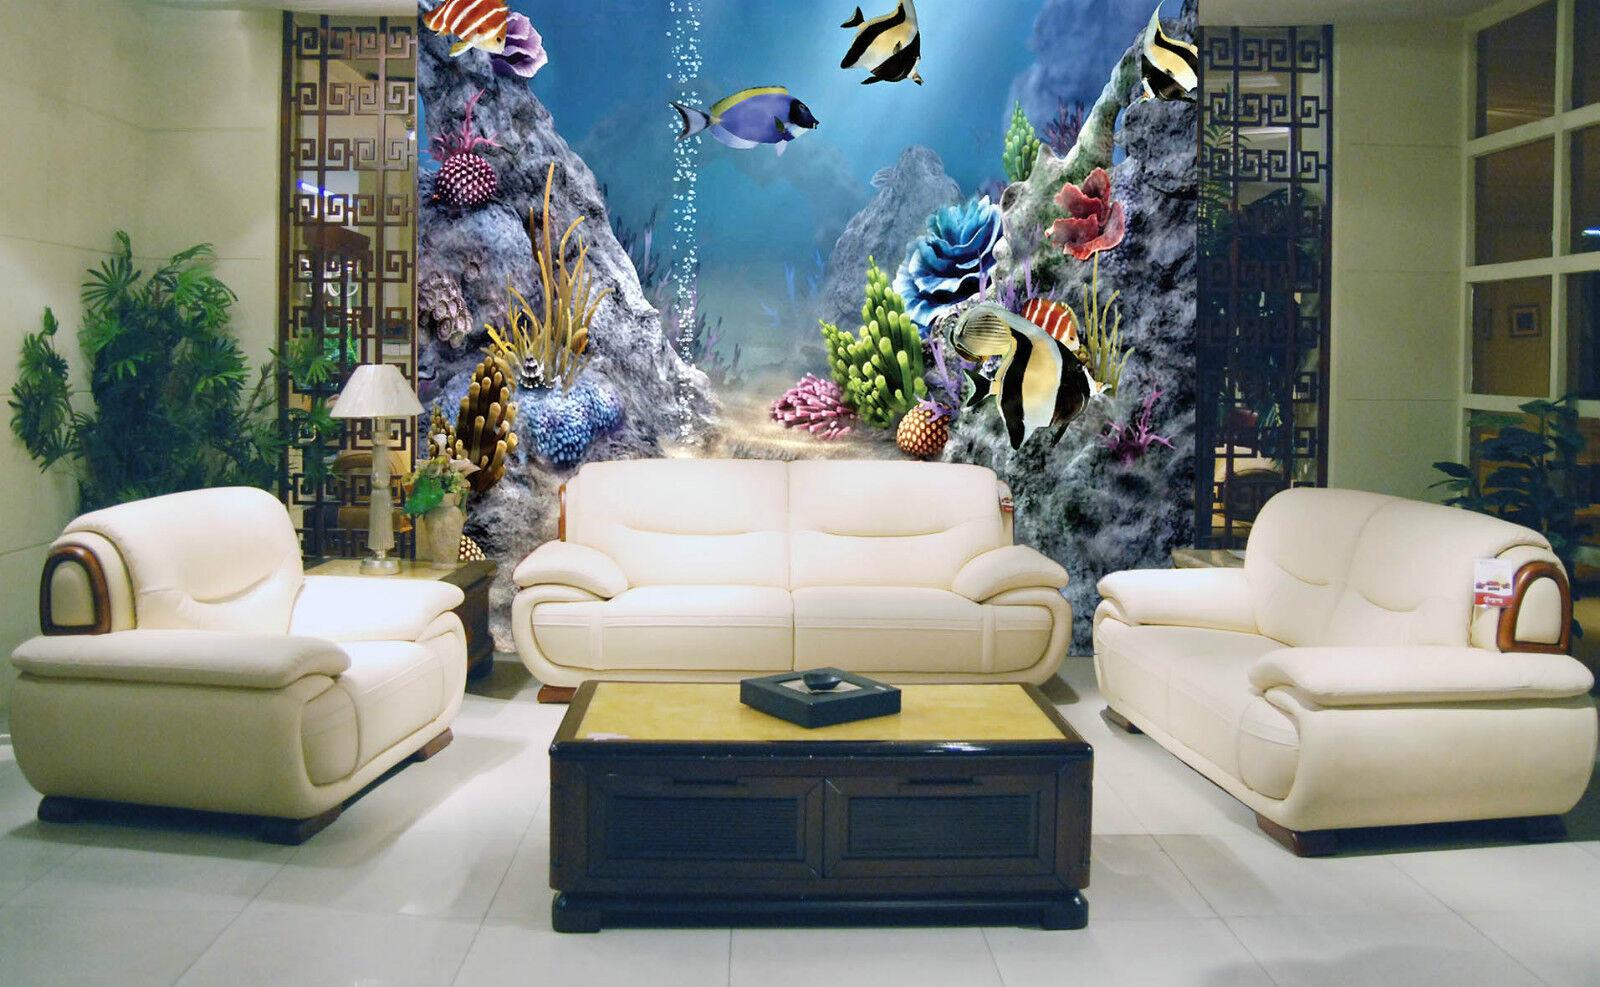 3D U - Stiefel -, Fisch 6283 Fototapeten Wandbild Fototapete BildTapete Familie DE